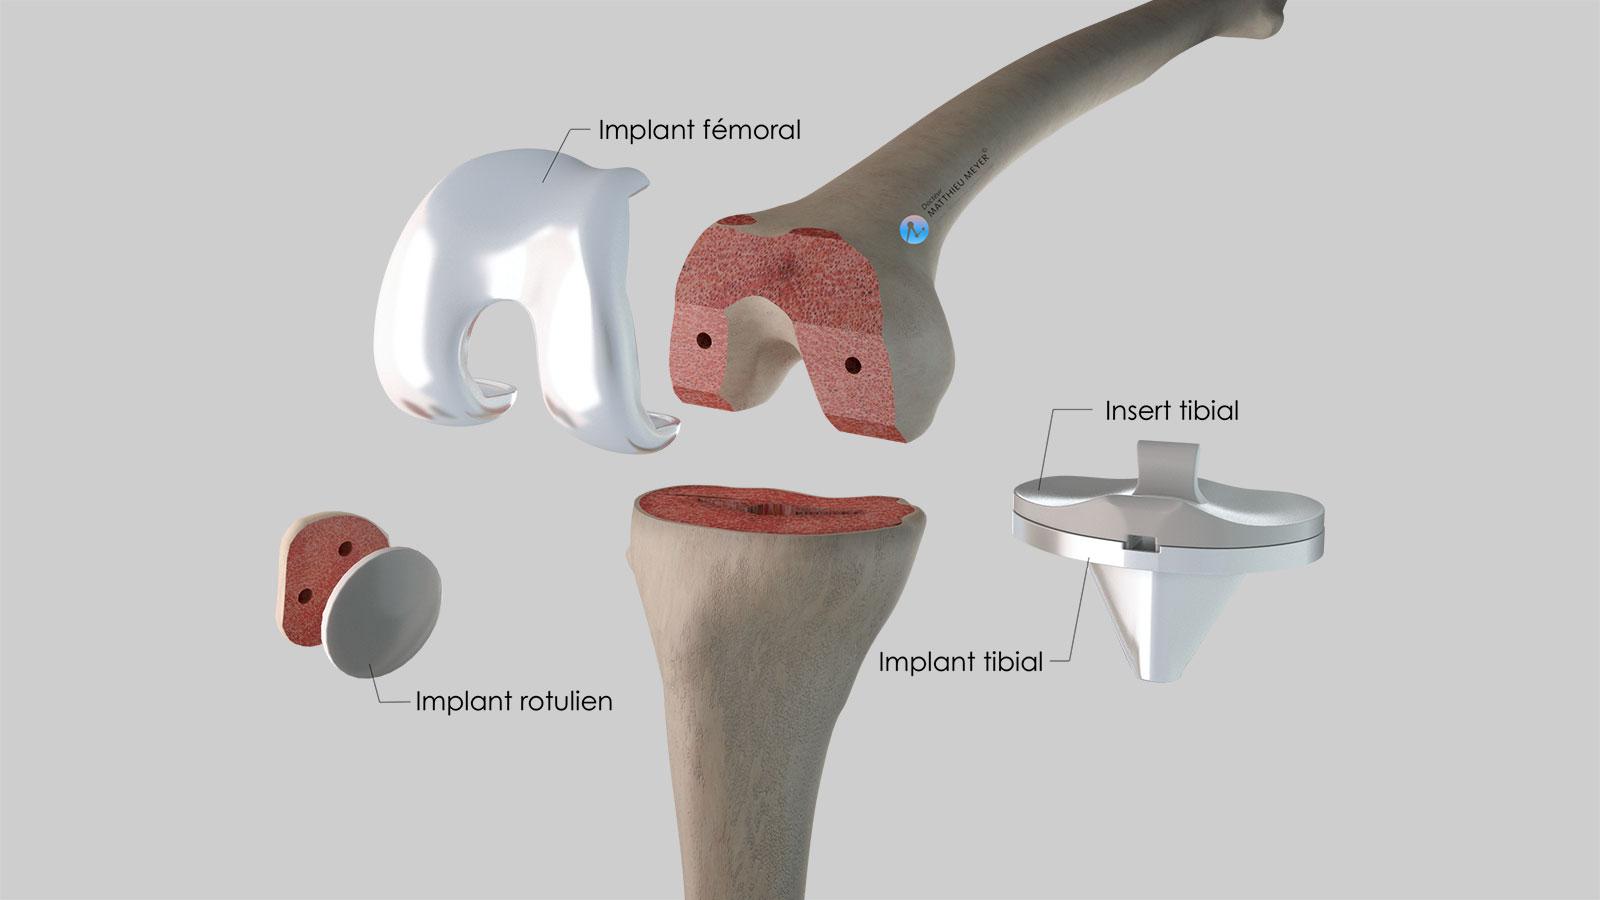 Ensemble des éléments de la prothèse totale de genou